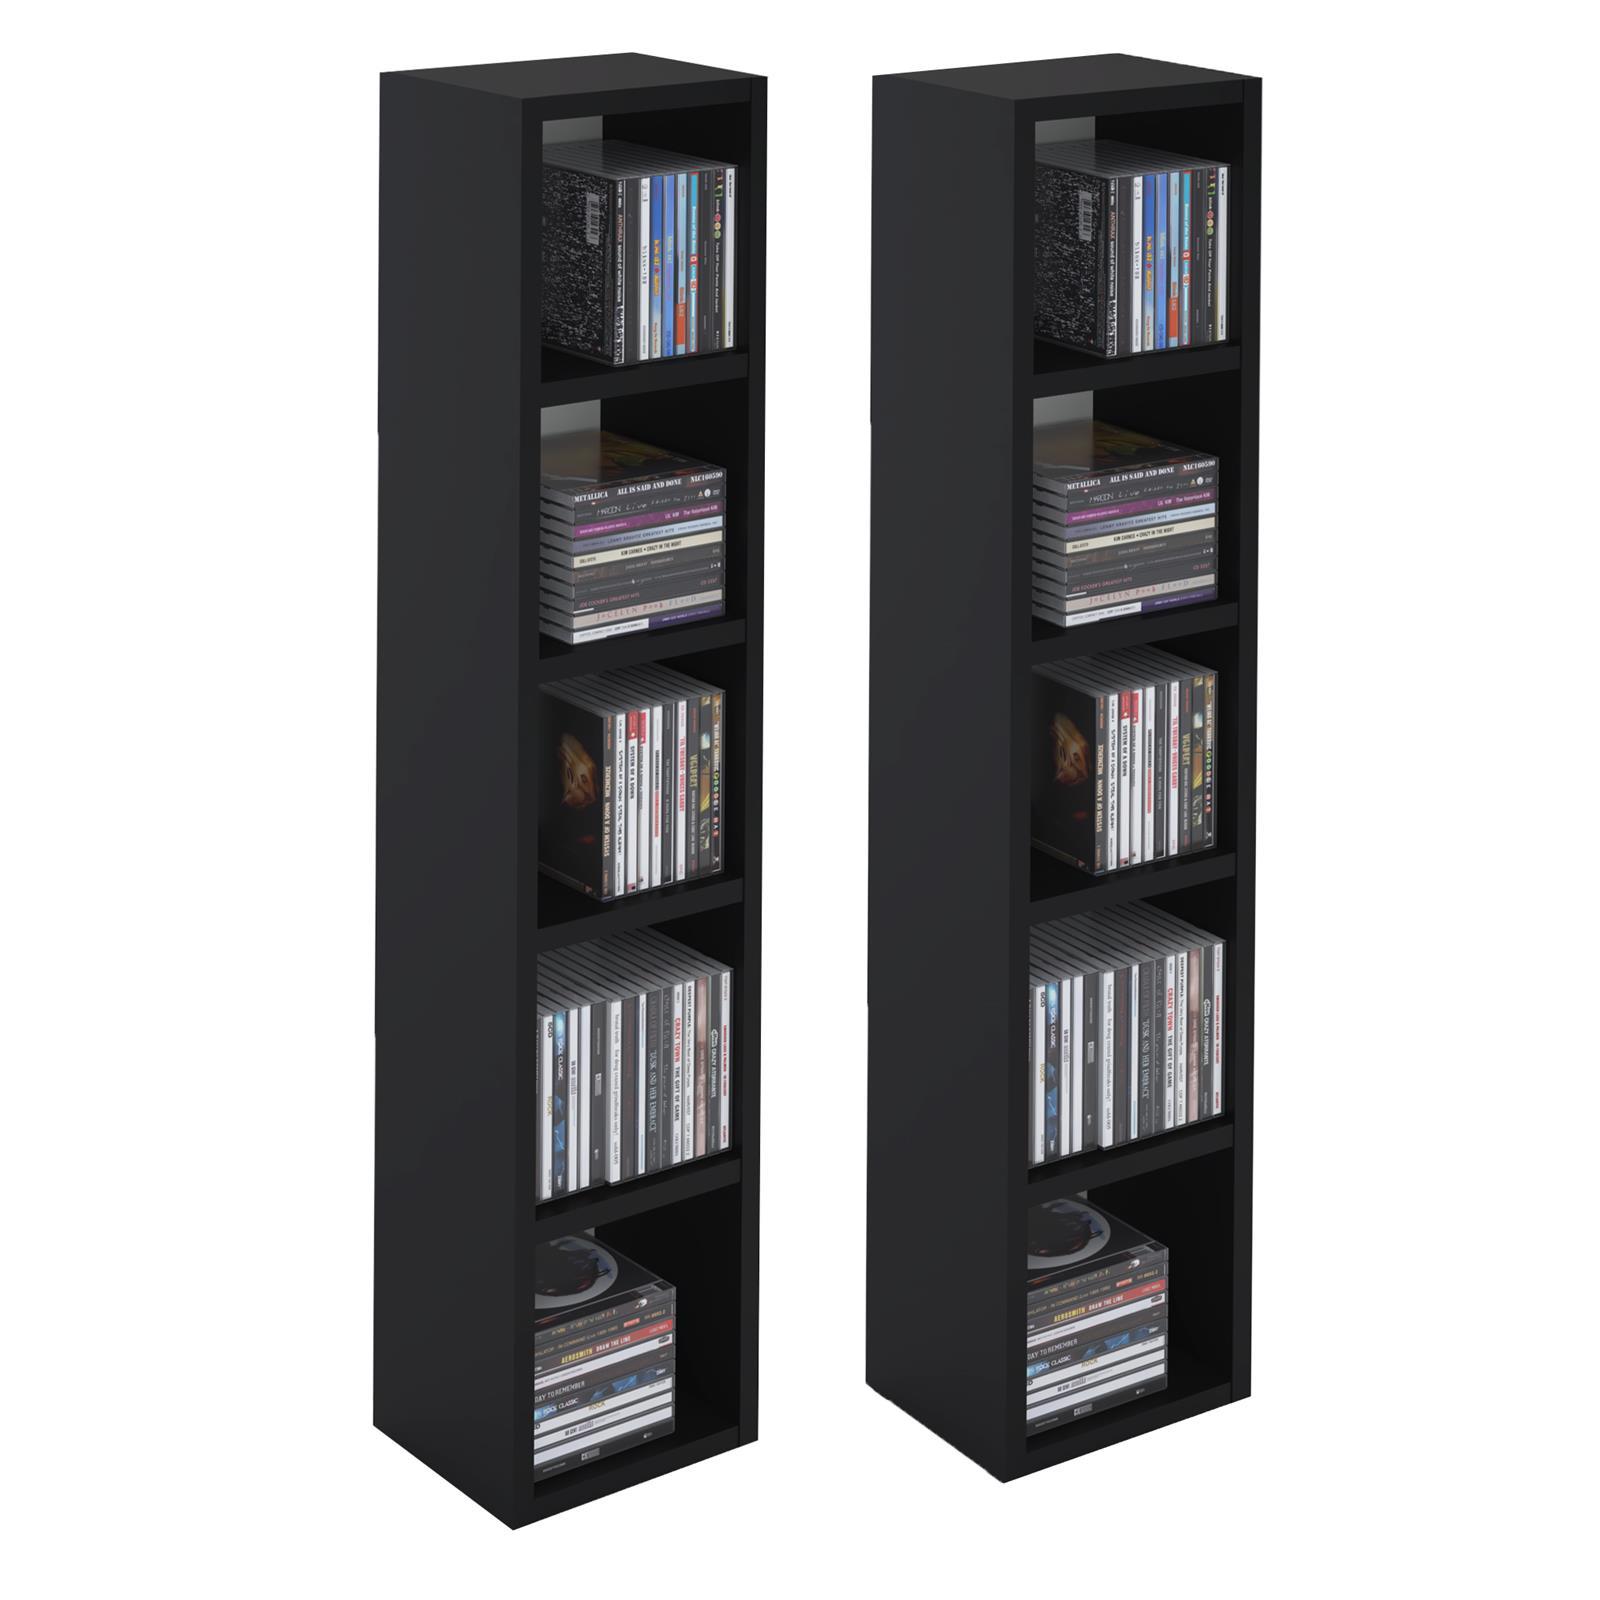 cd dvd blueray regal bis zu 160 cds turm st nder medien aufbewahrung ebay. Black Bedroom Furniture Sets. Home Design Ideas